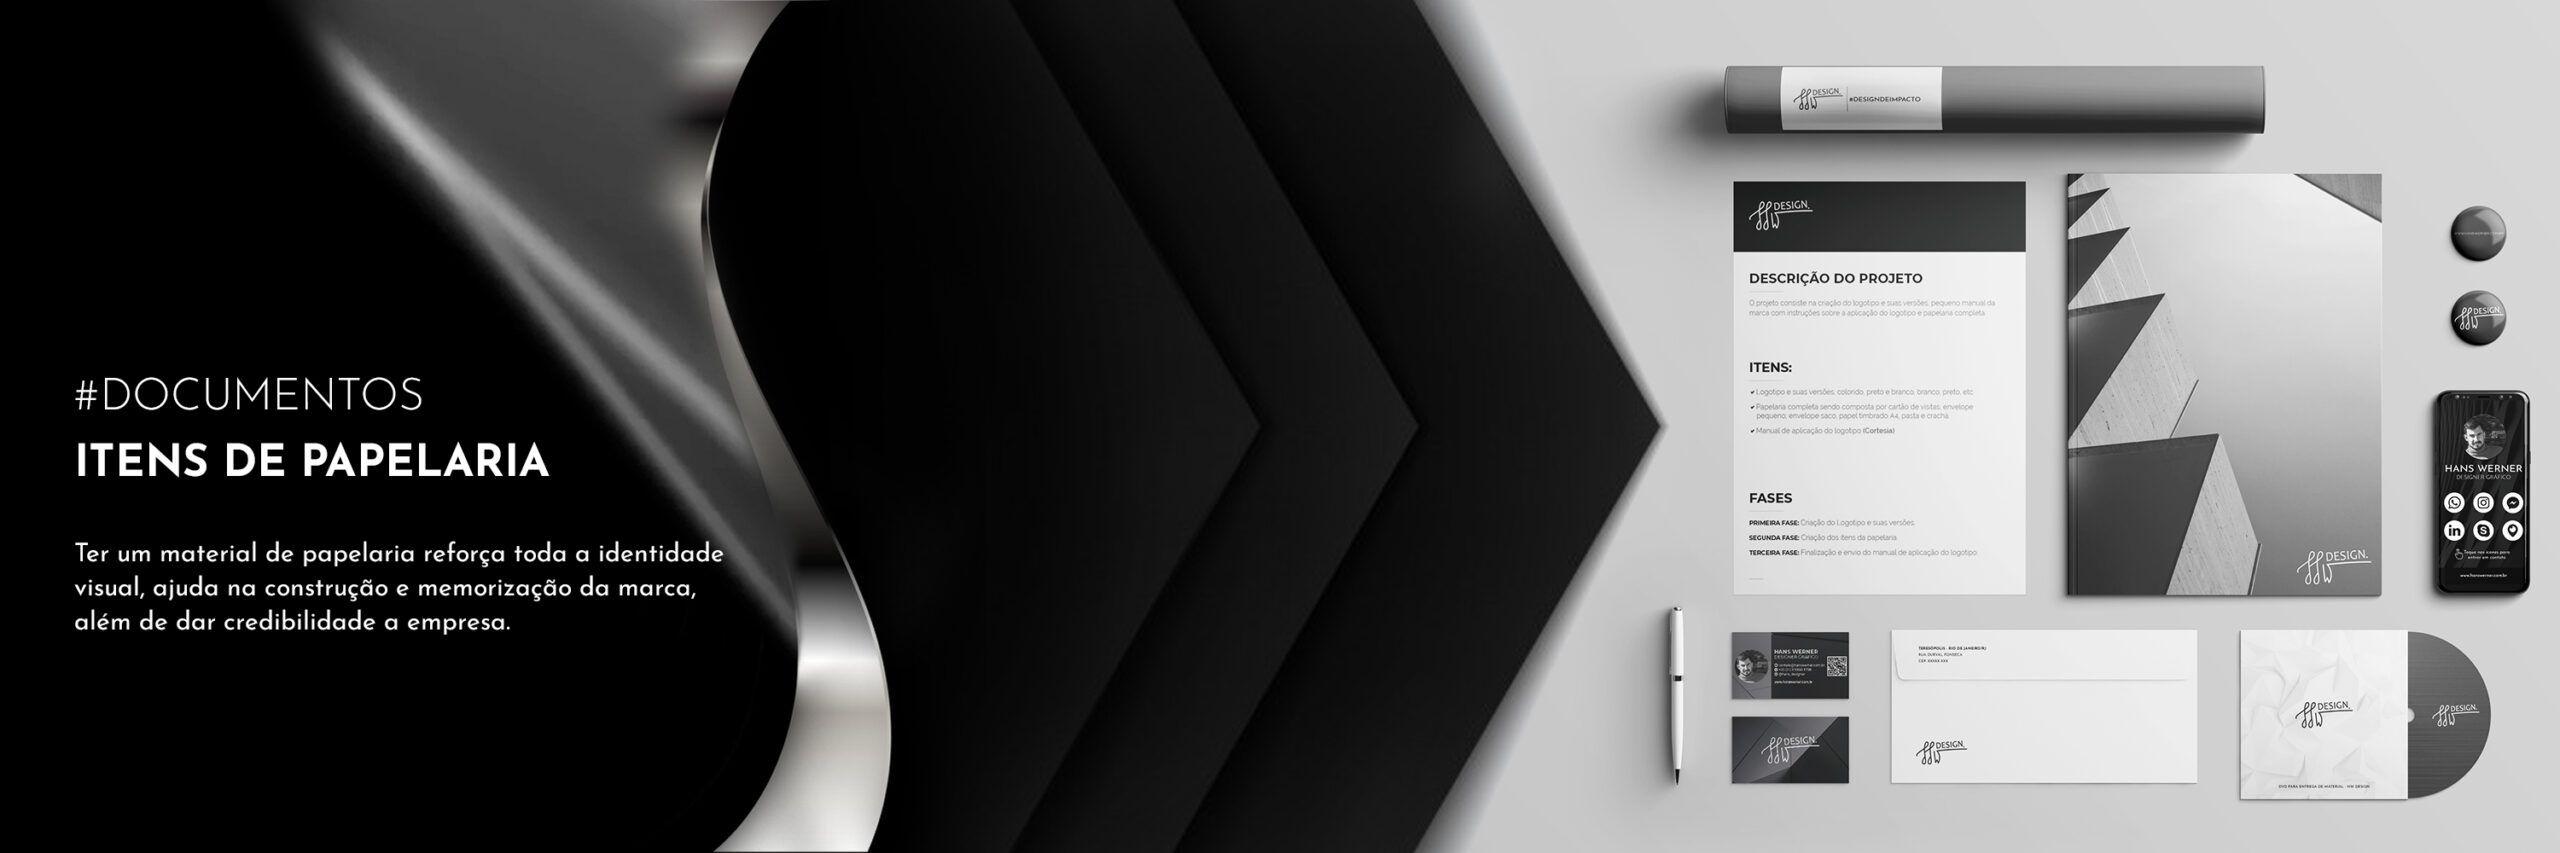 Design papelaria timbrados documentos cartões de visita designer rj hans werner designer gráfico